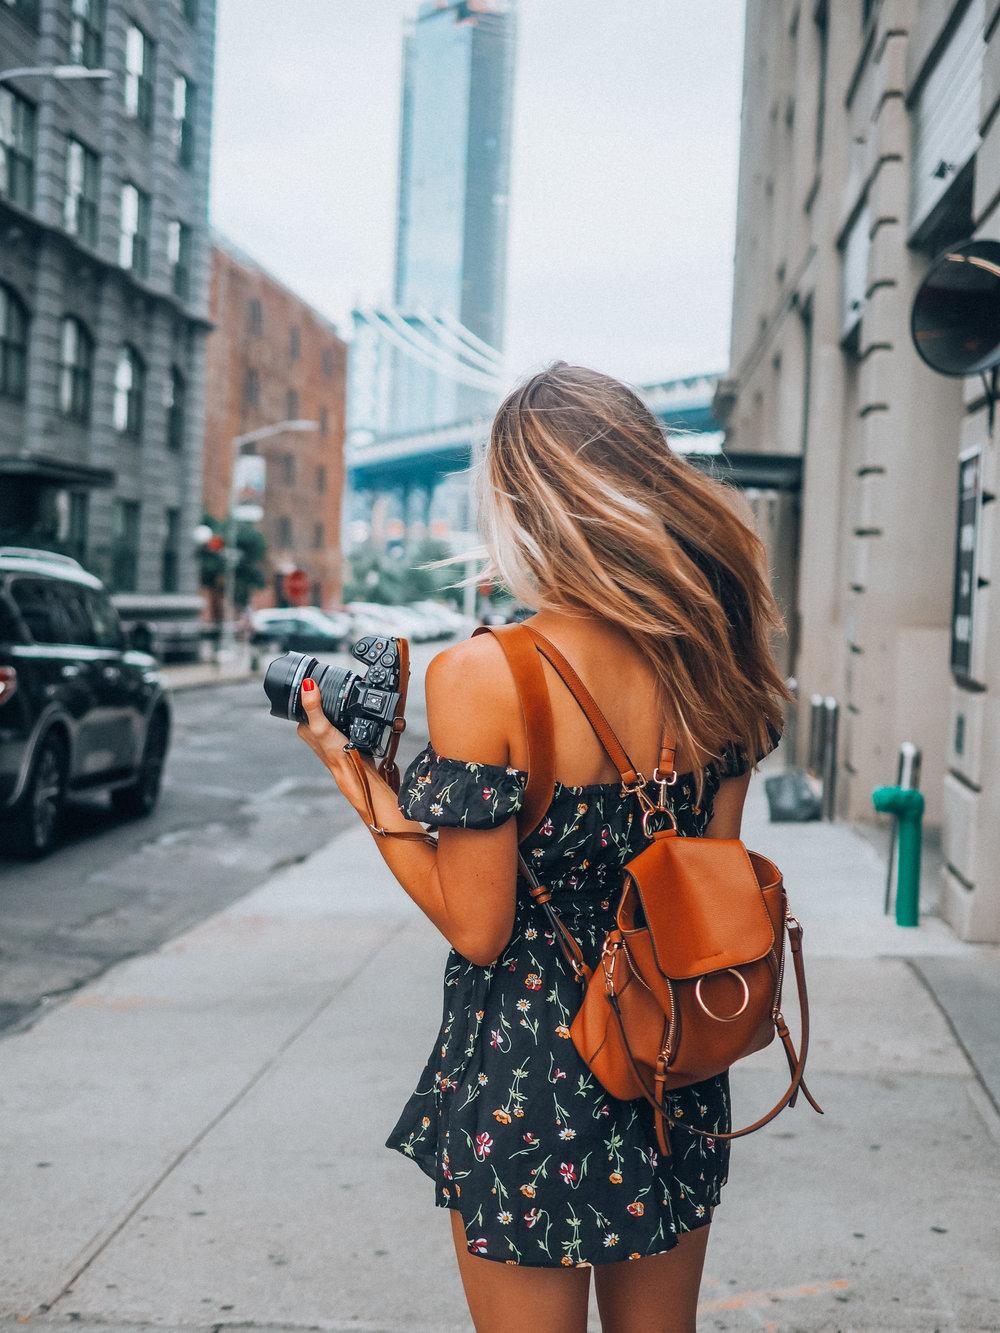 meg cusick photography